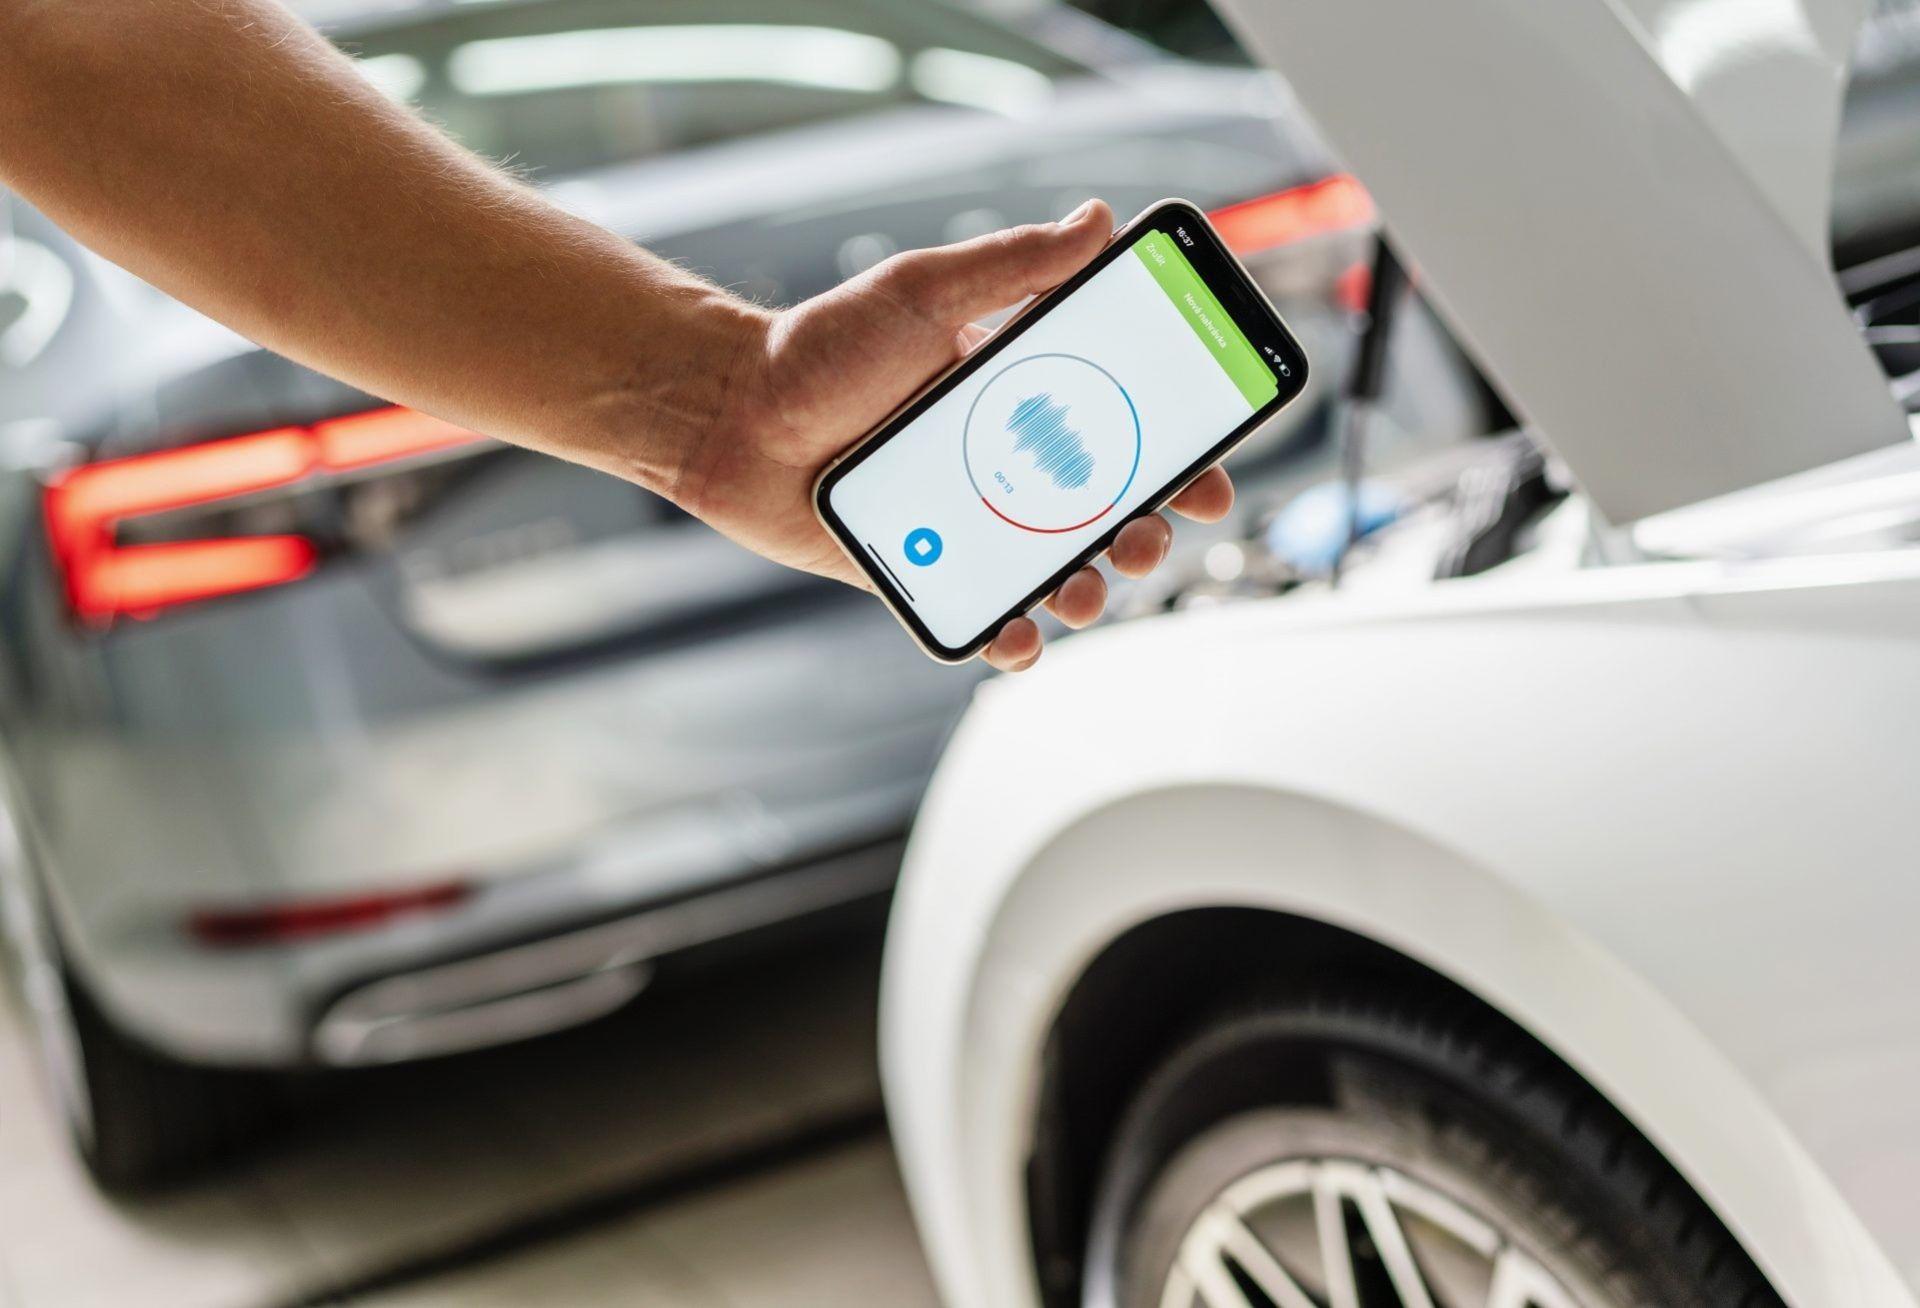 Ny app från Skoda kan höra om det är något fel på bilen